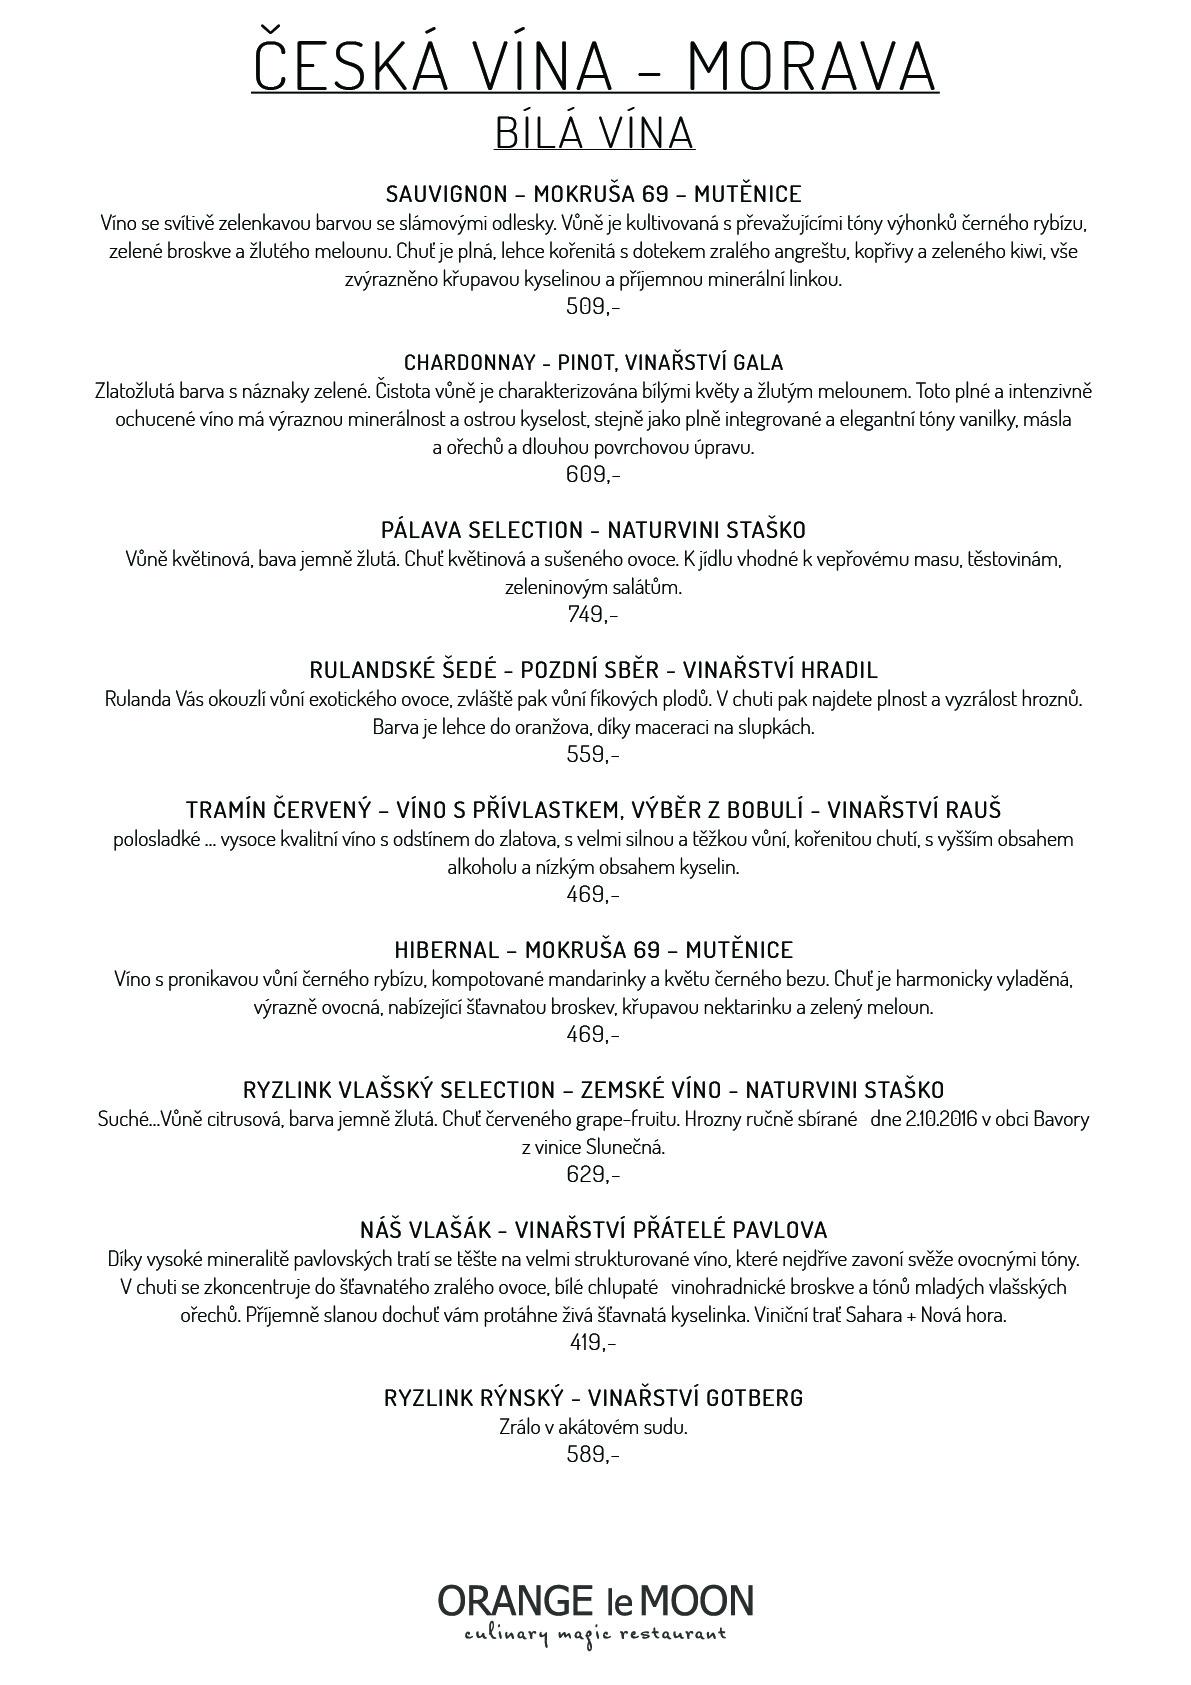 Orange le Moon: Restaurace Špindlerův Mlýn